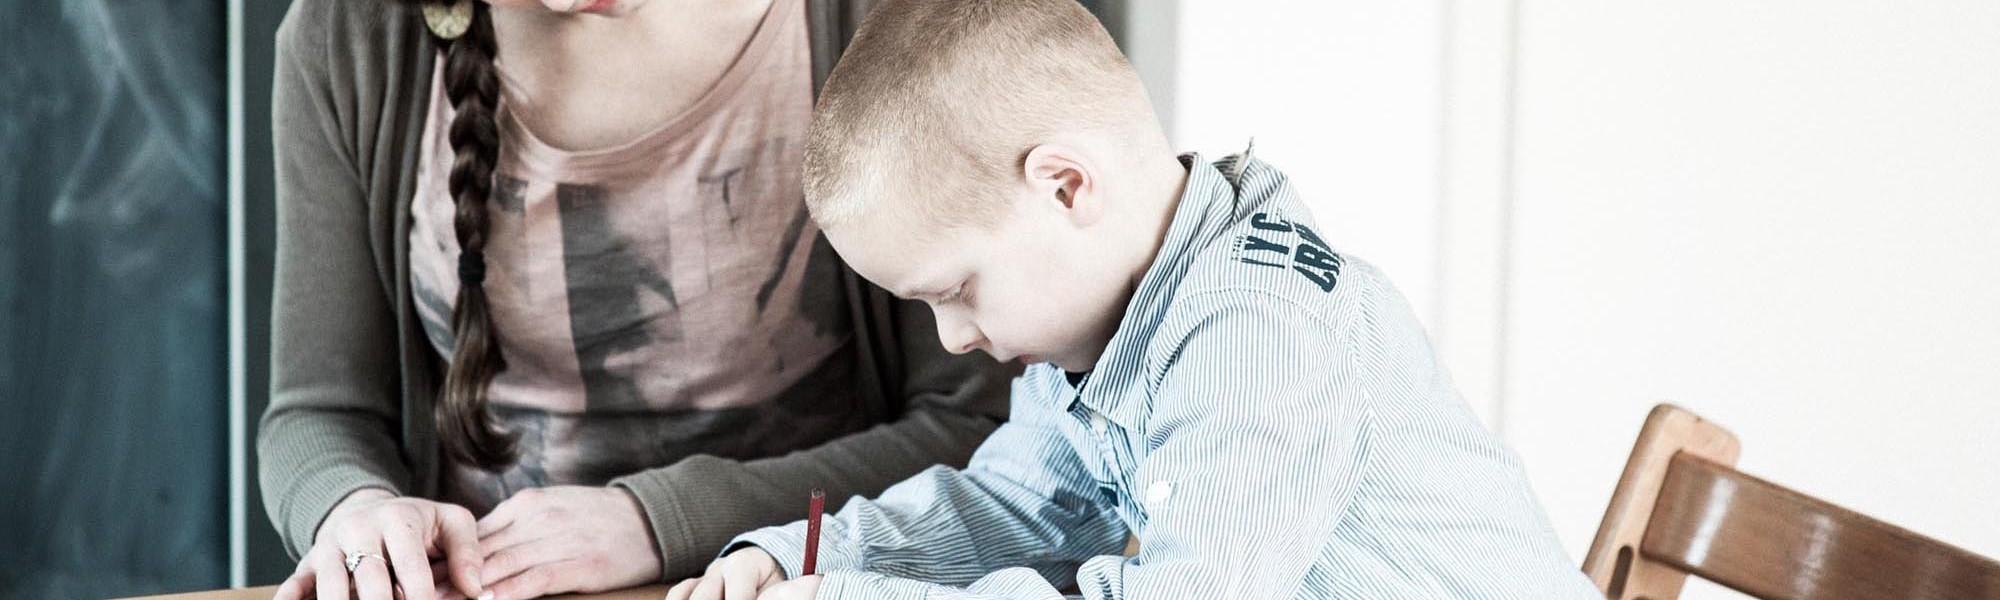 Fysiotherapie Driebergen Schrijfmotoriek Kinderfysiotherapie